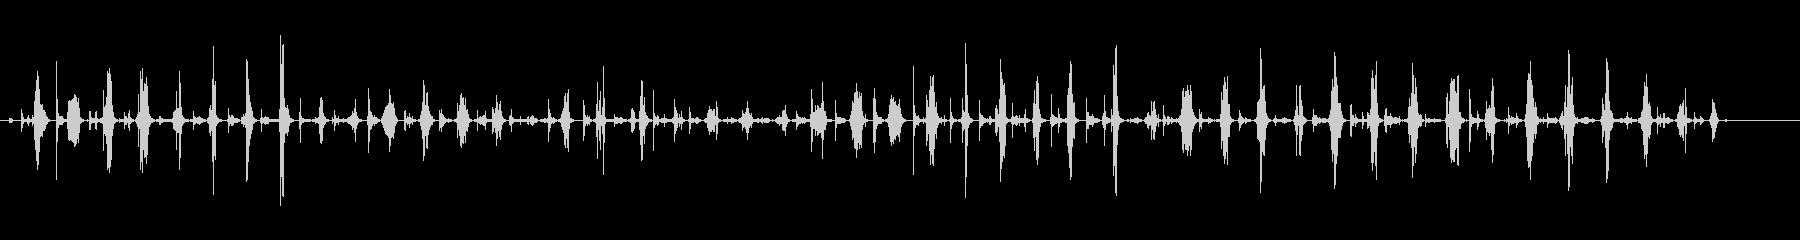 ウッドプランニングサンド-楽器の未再生の波形